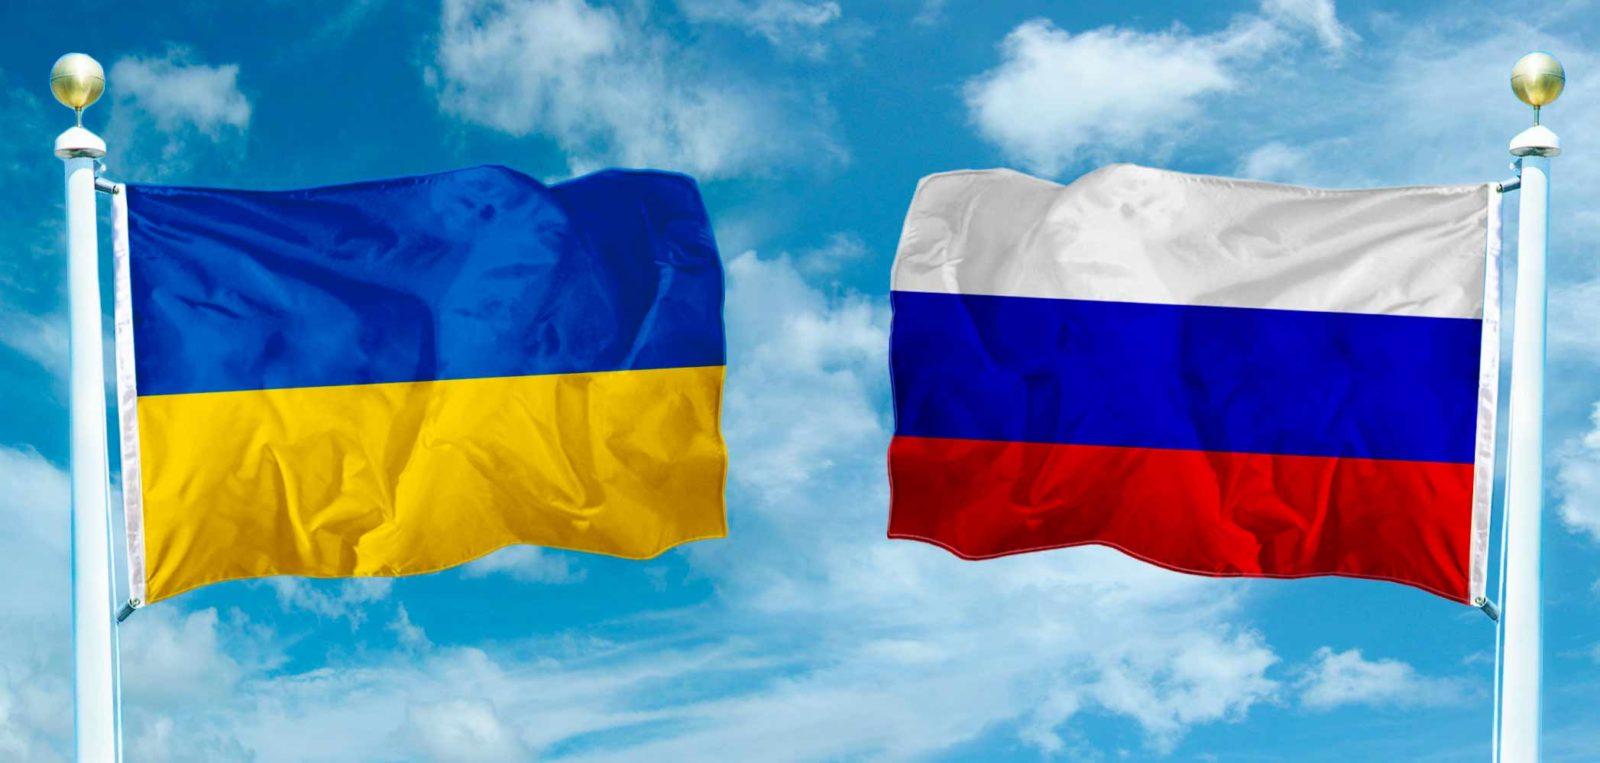 Отказ от гражданства Украины для получения гражданства РФ